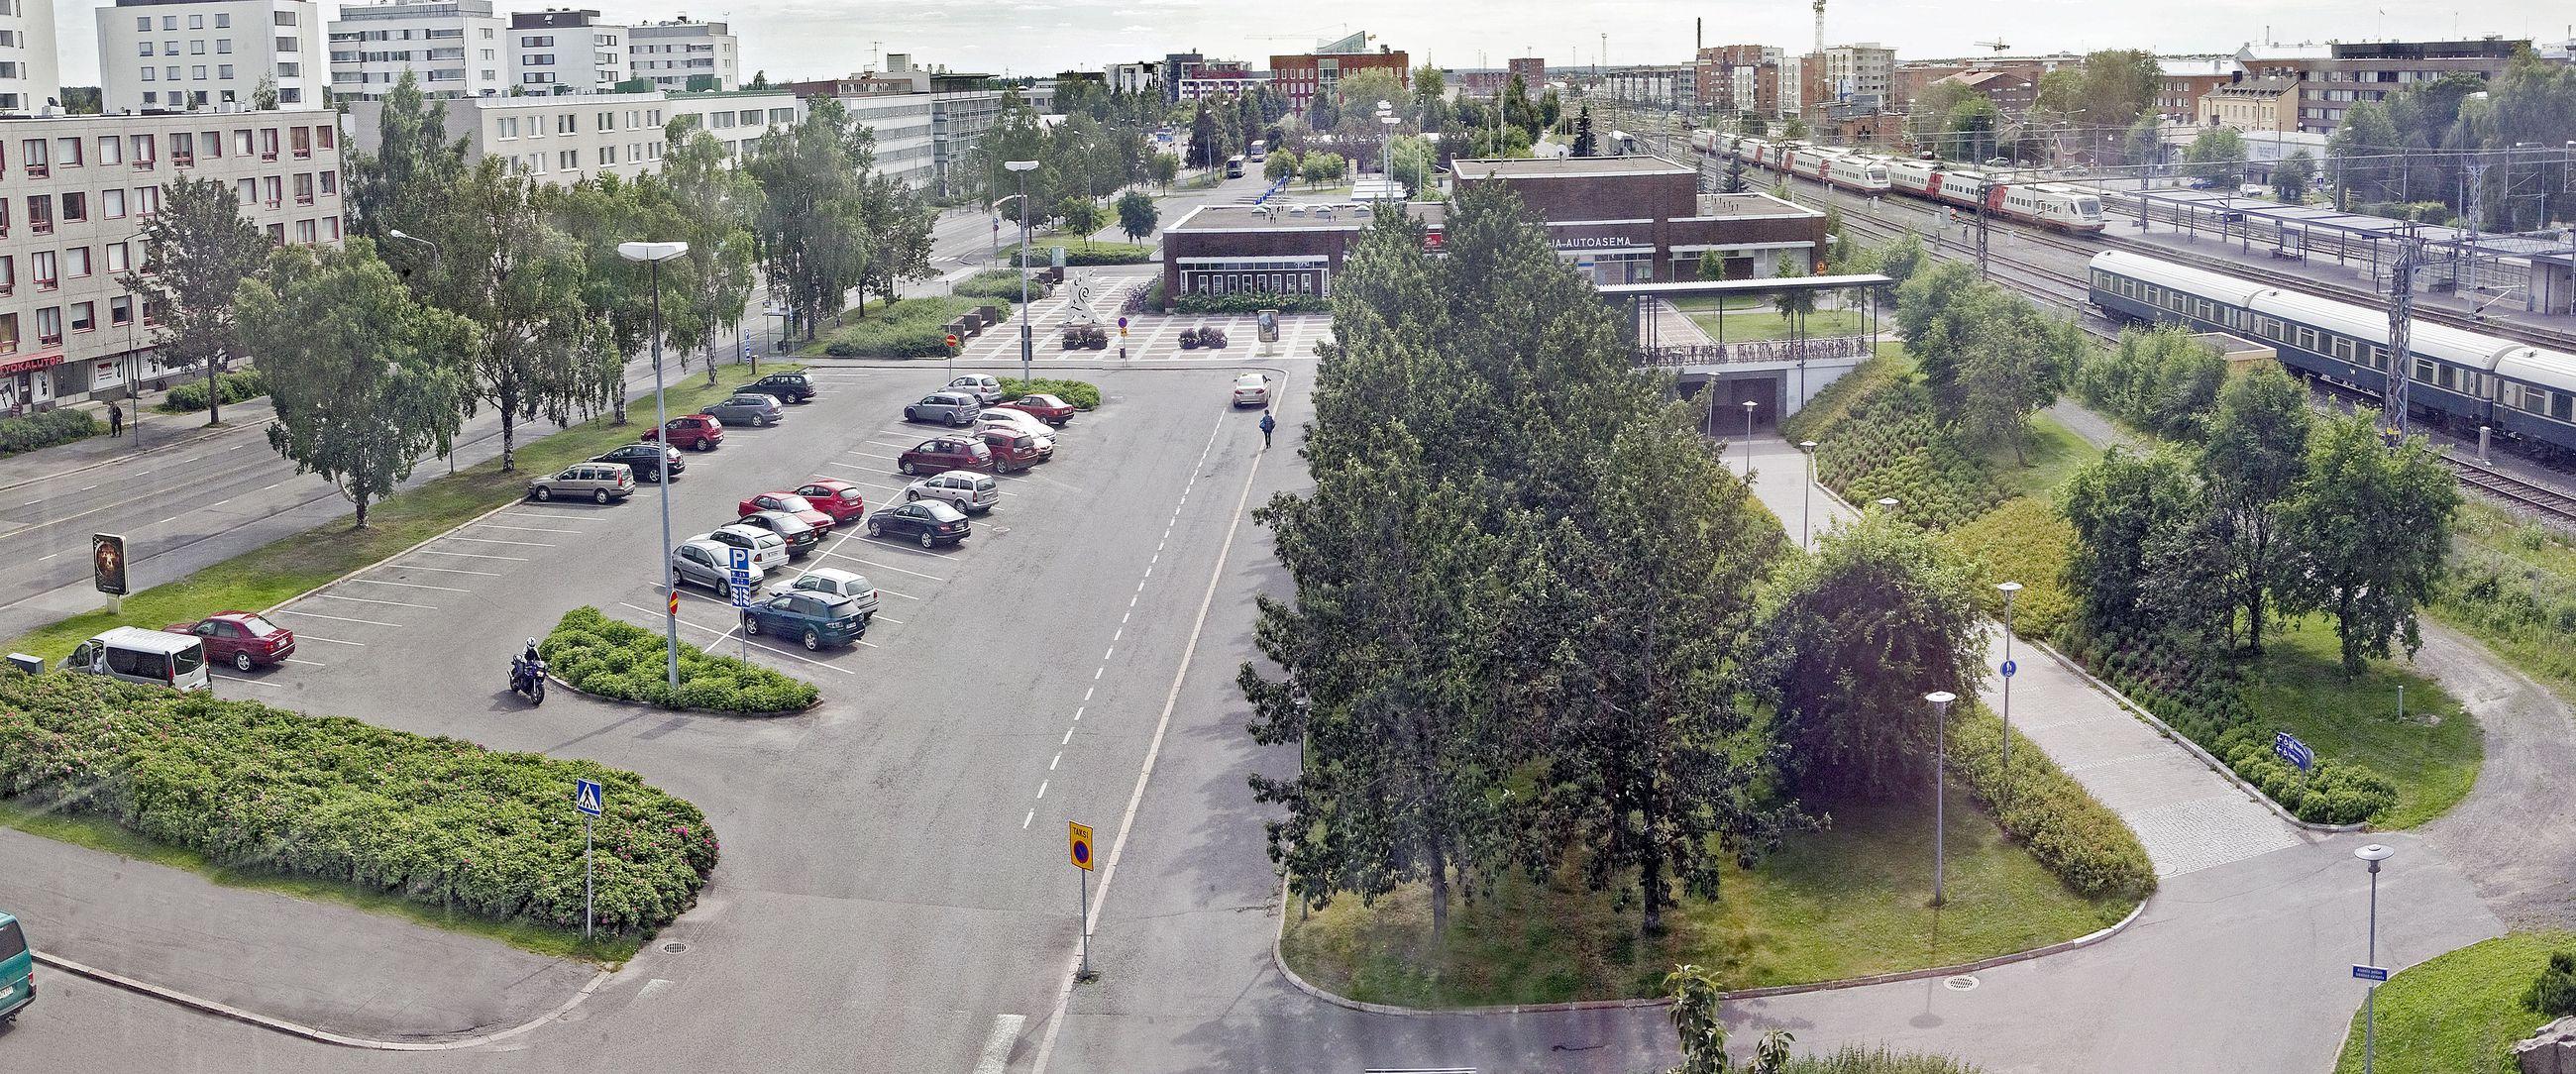 Oulu Linja-Autoasema Pysäköinti